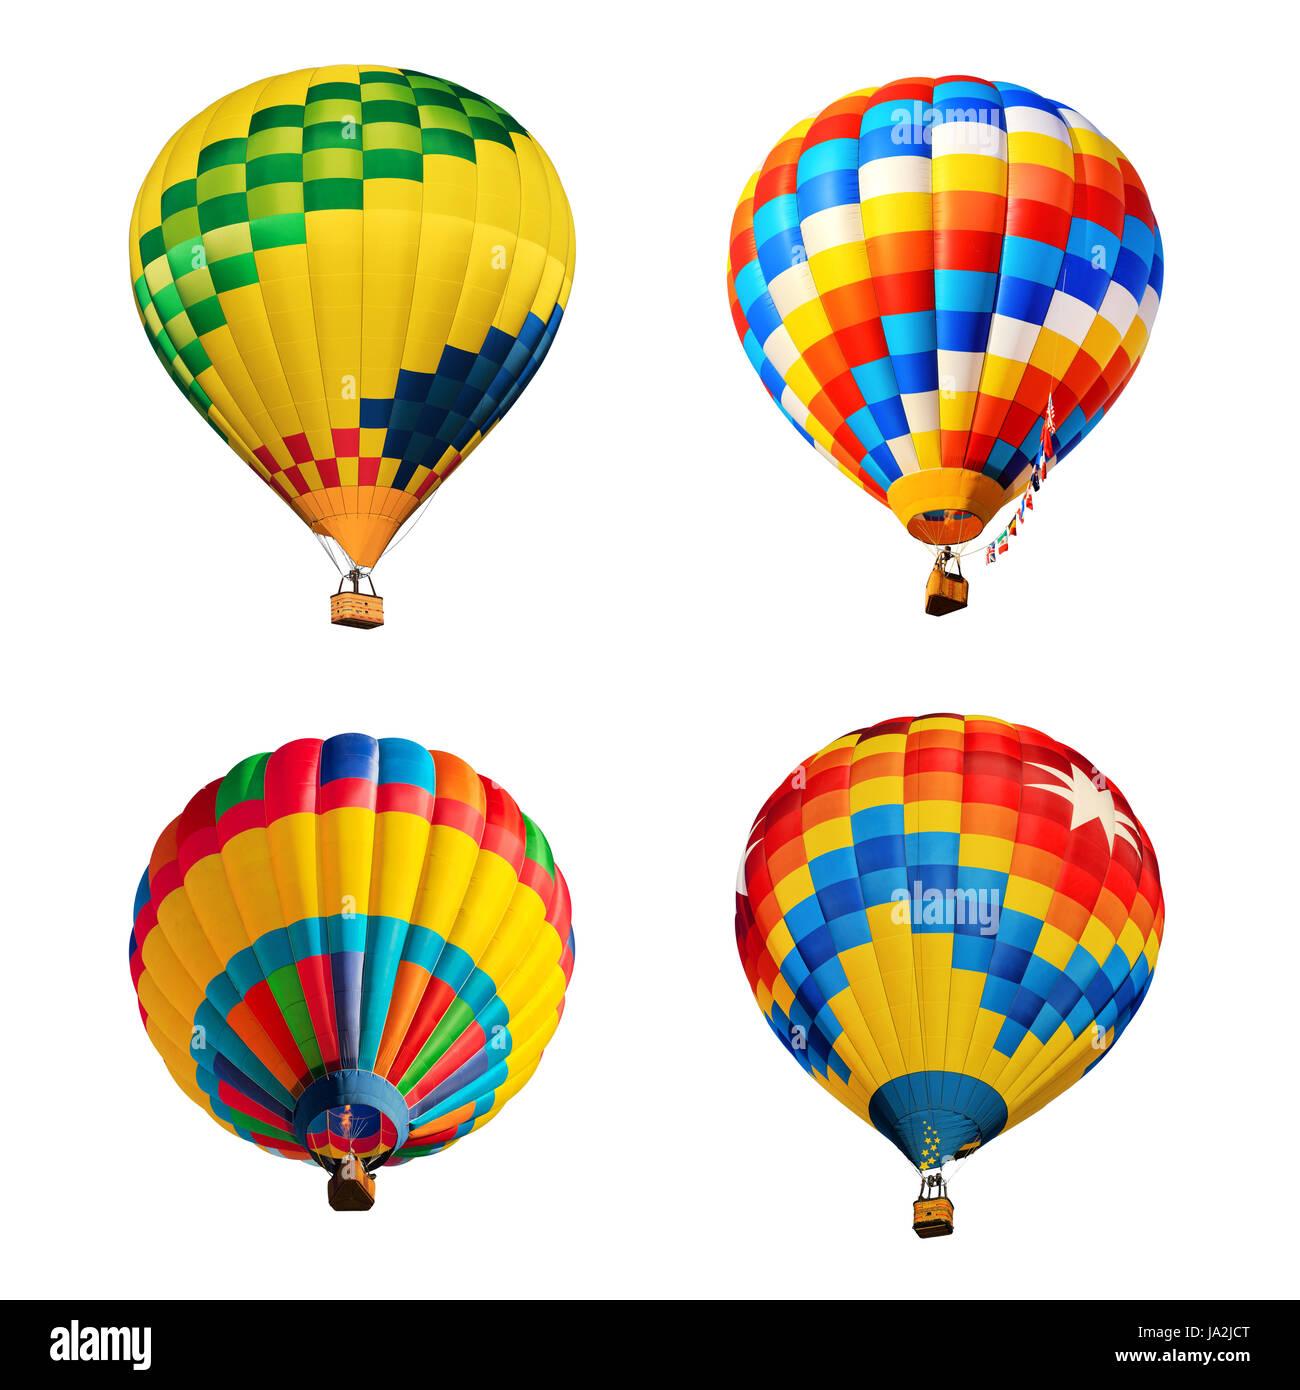 Ziemlich Ballon Farbseite Galerie - Malvorlagen-Ideen ...